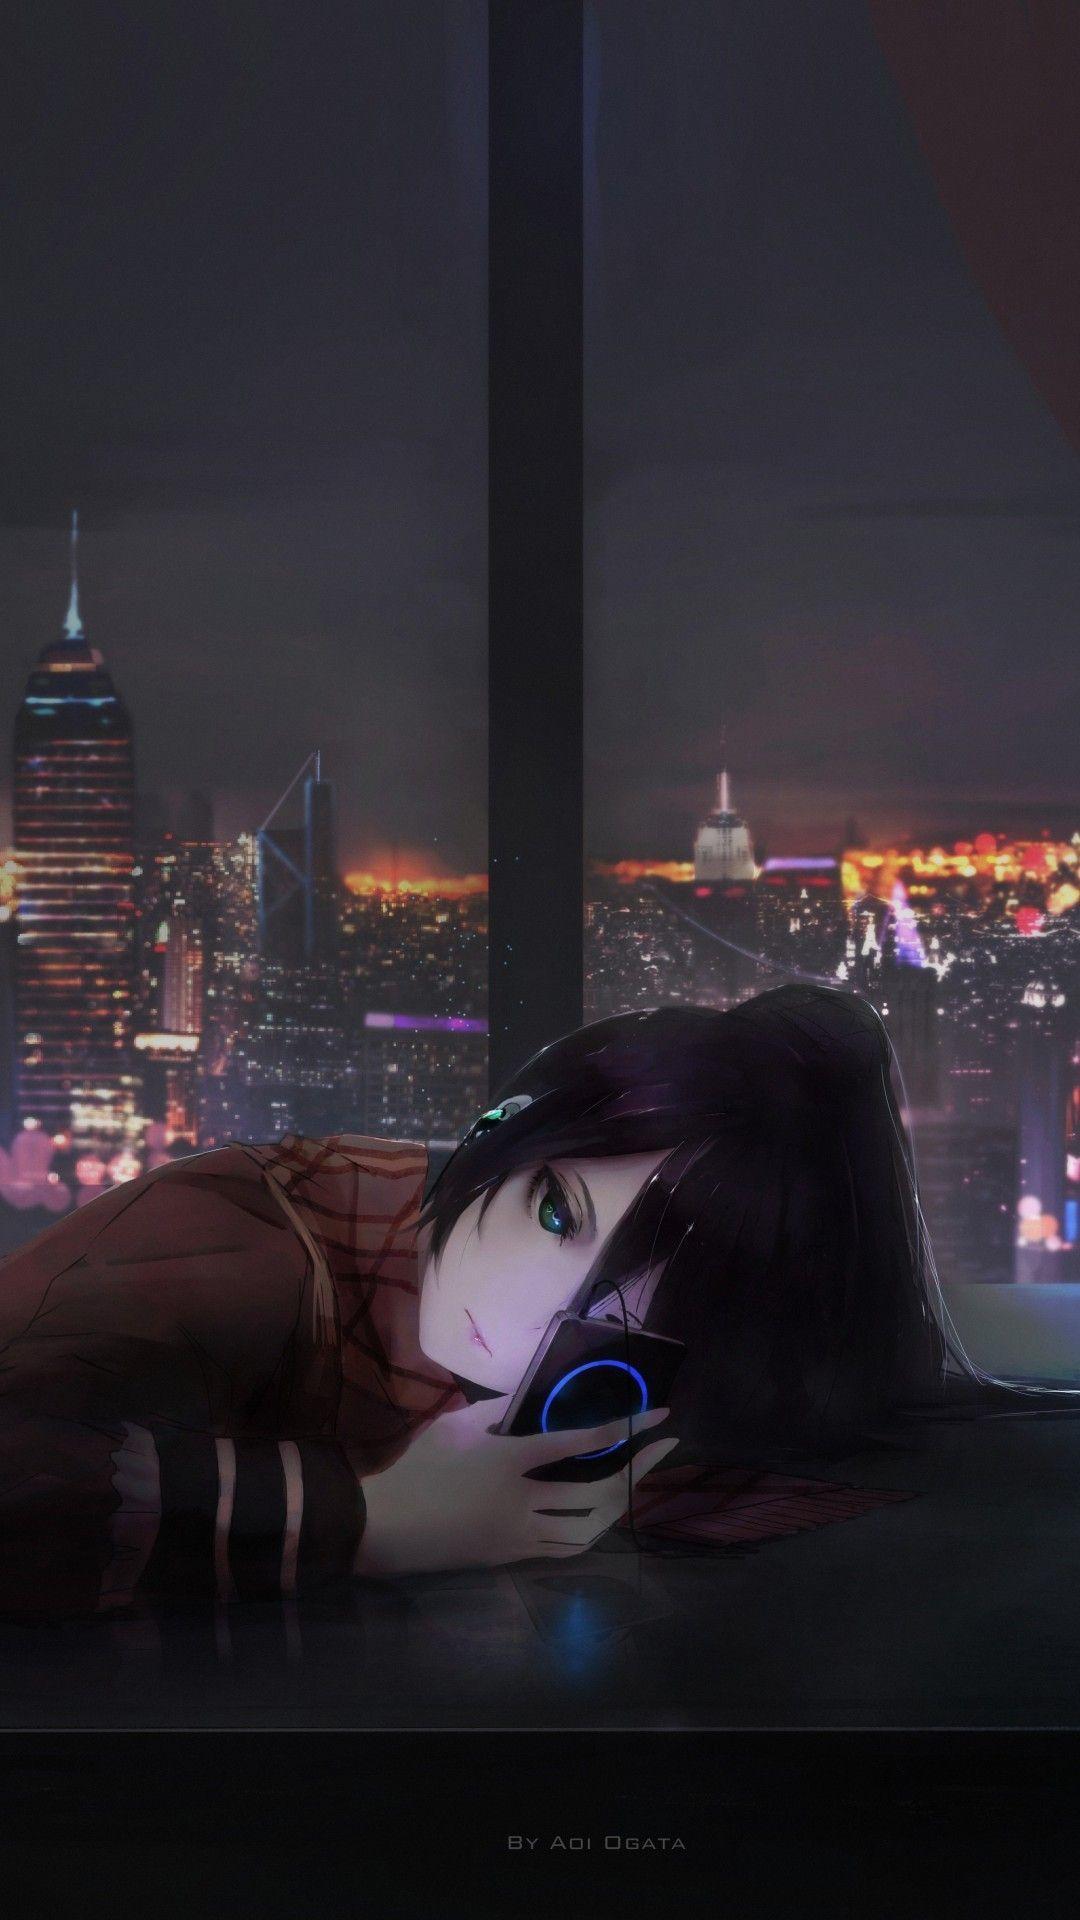 Depressing Wallpapers Anime : depressing, wallpapers, anime, Depressed, Anime, Wallpapers, Wallpaper